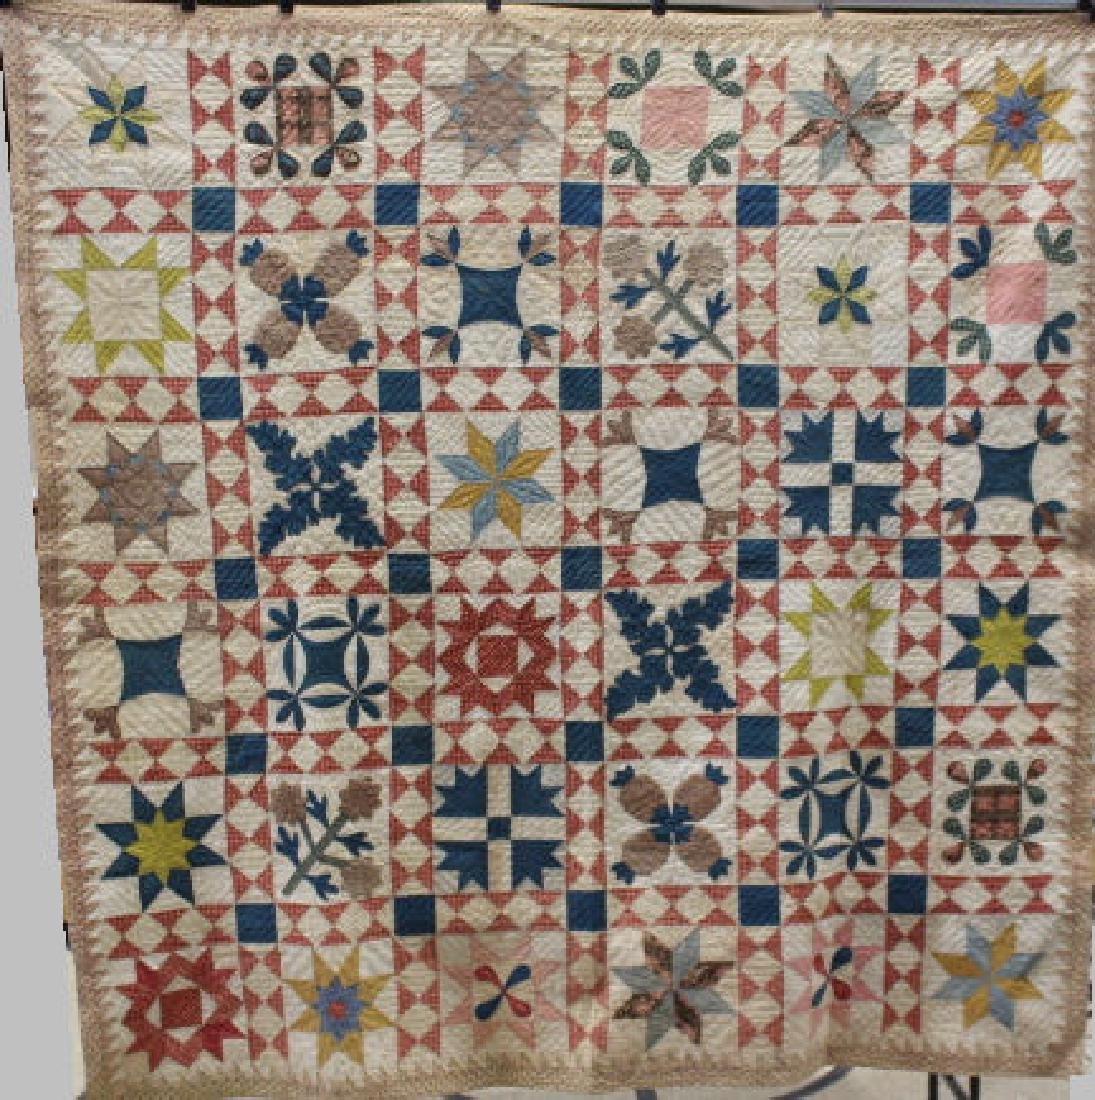 19th C Colorful Album Quilt - 36 Blocks